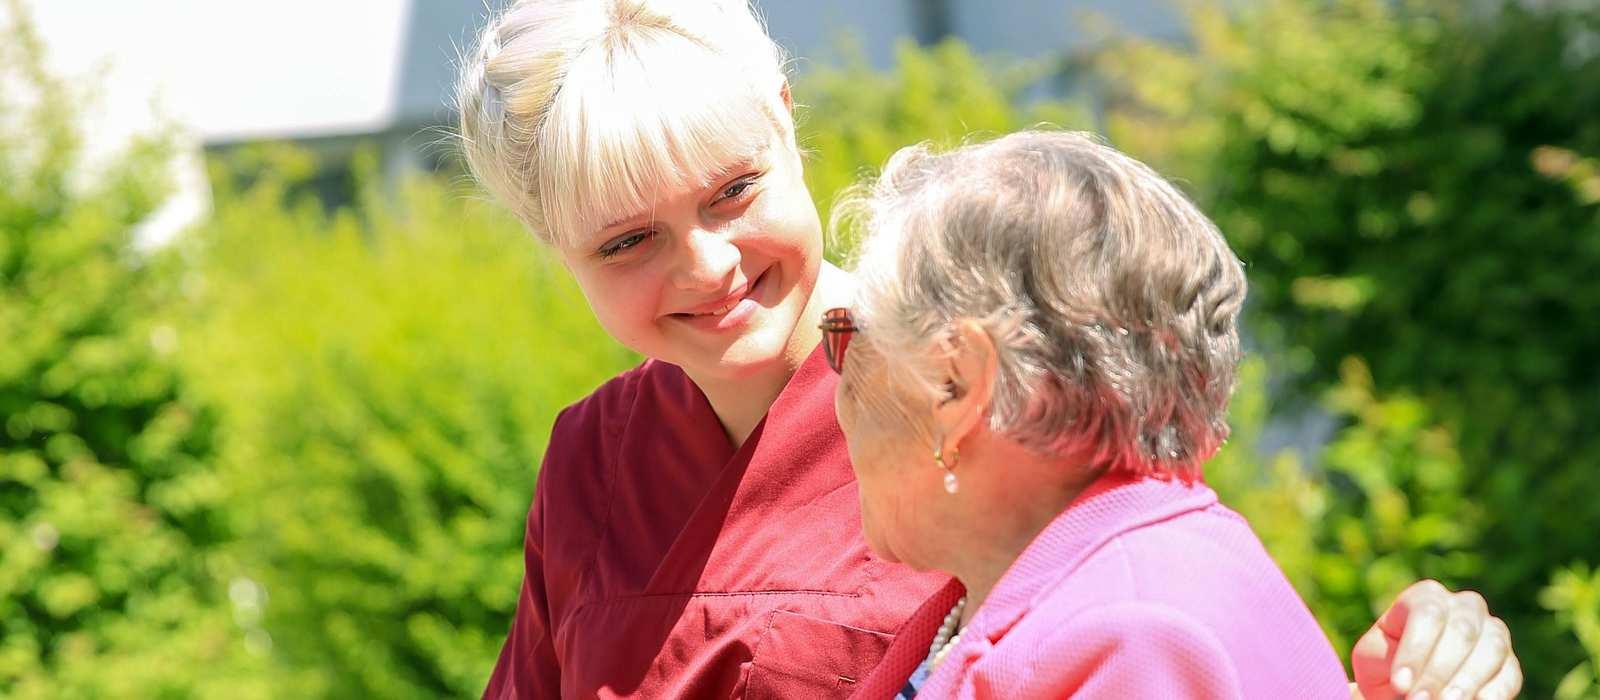 Eine Pflegekraft unterhält sich mit einer älteren Frau in einem Garten.